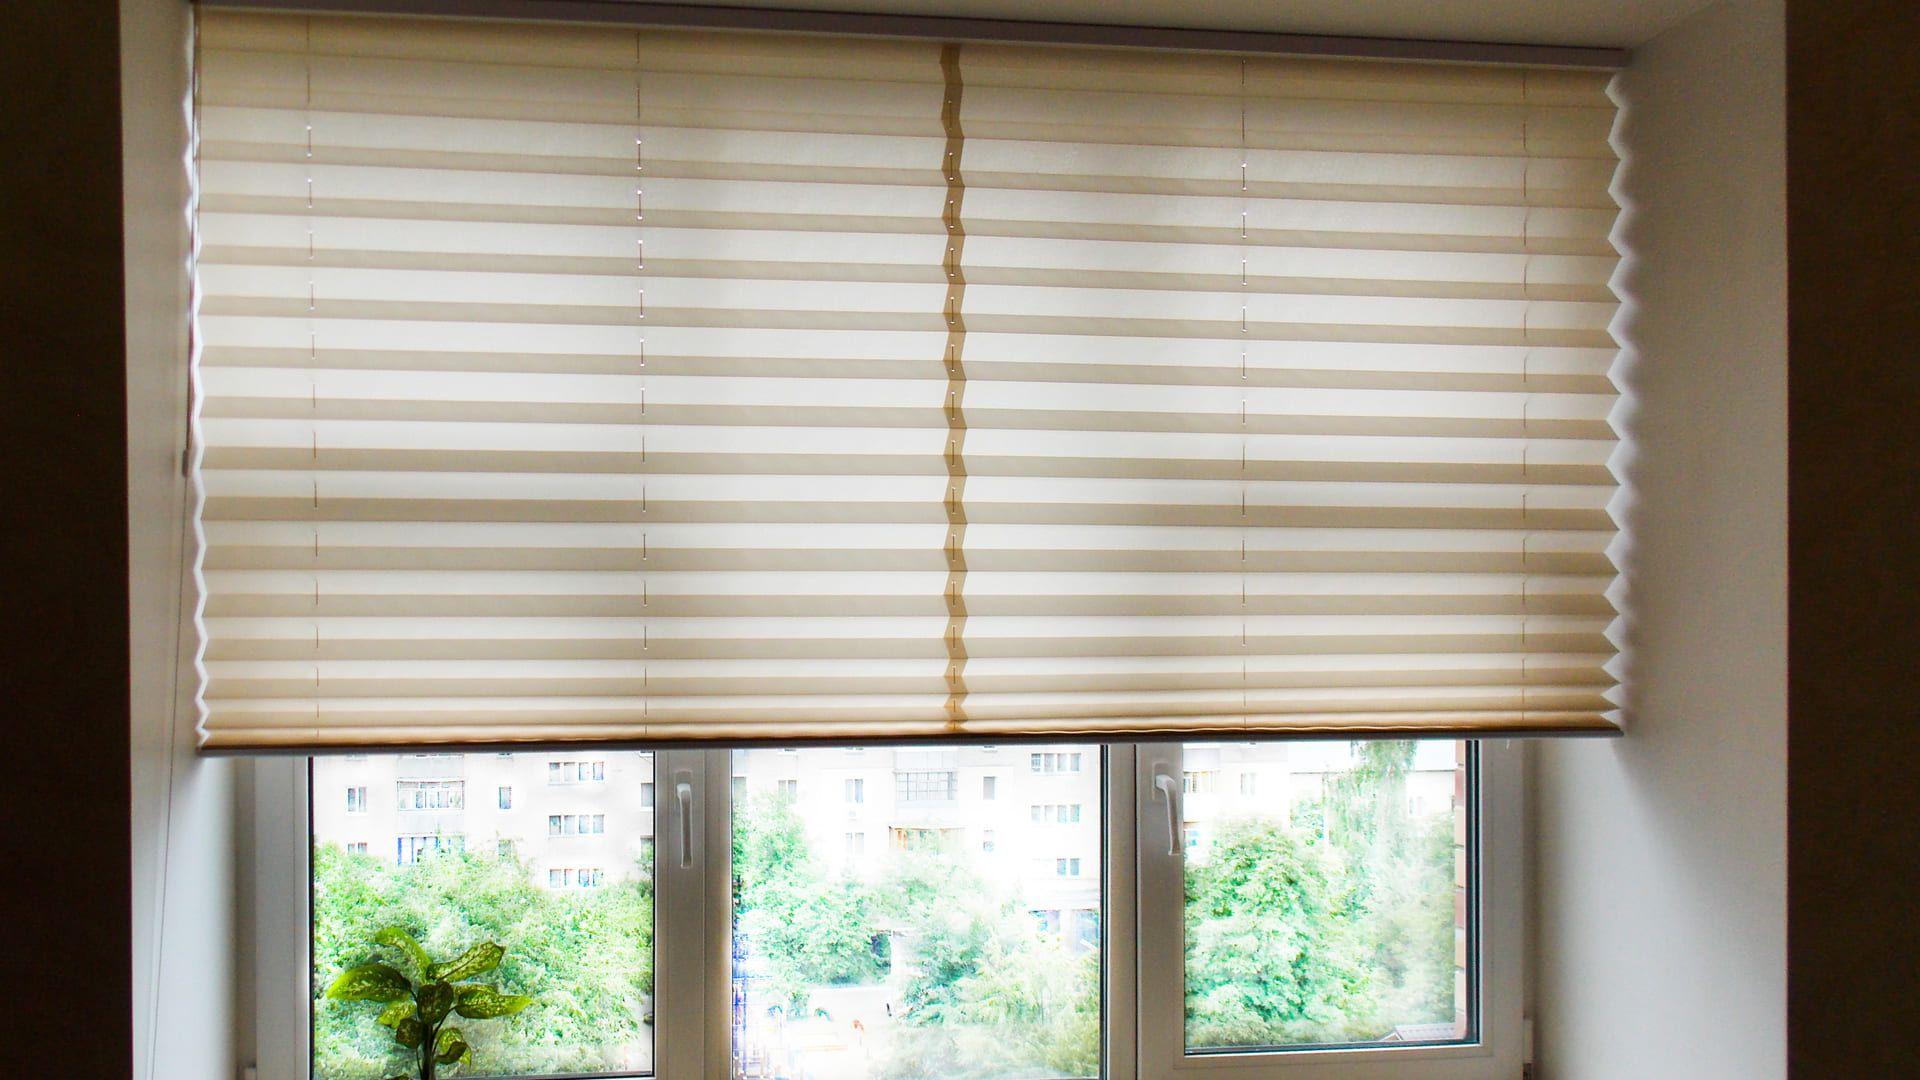 Usar a luz natural ajuda a economizar energia (Imagem: Reprodução/Shutterstock)